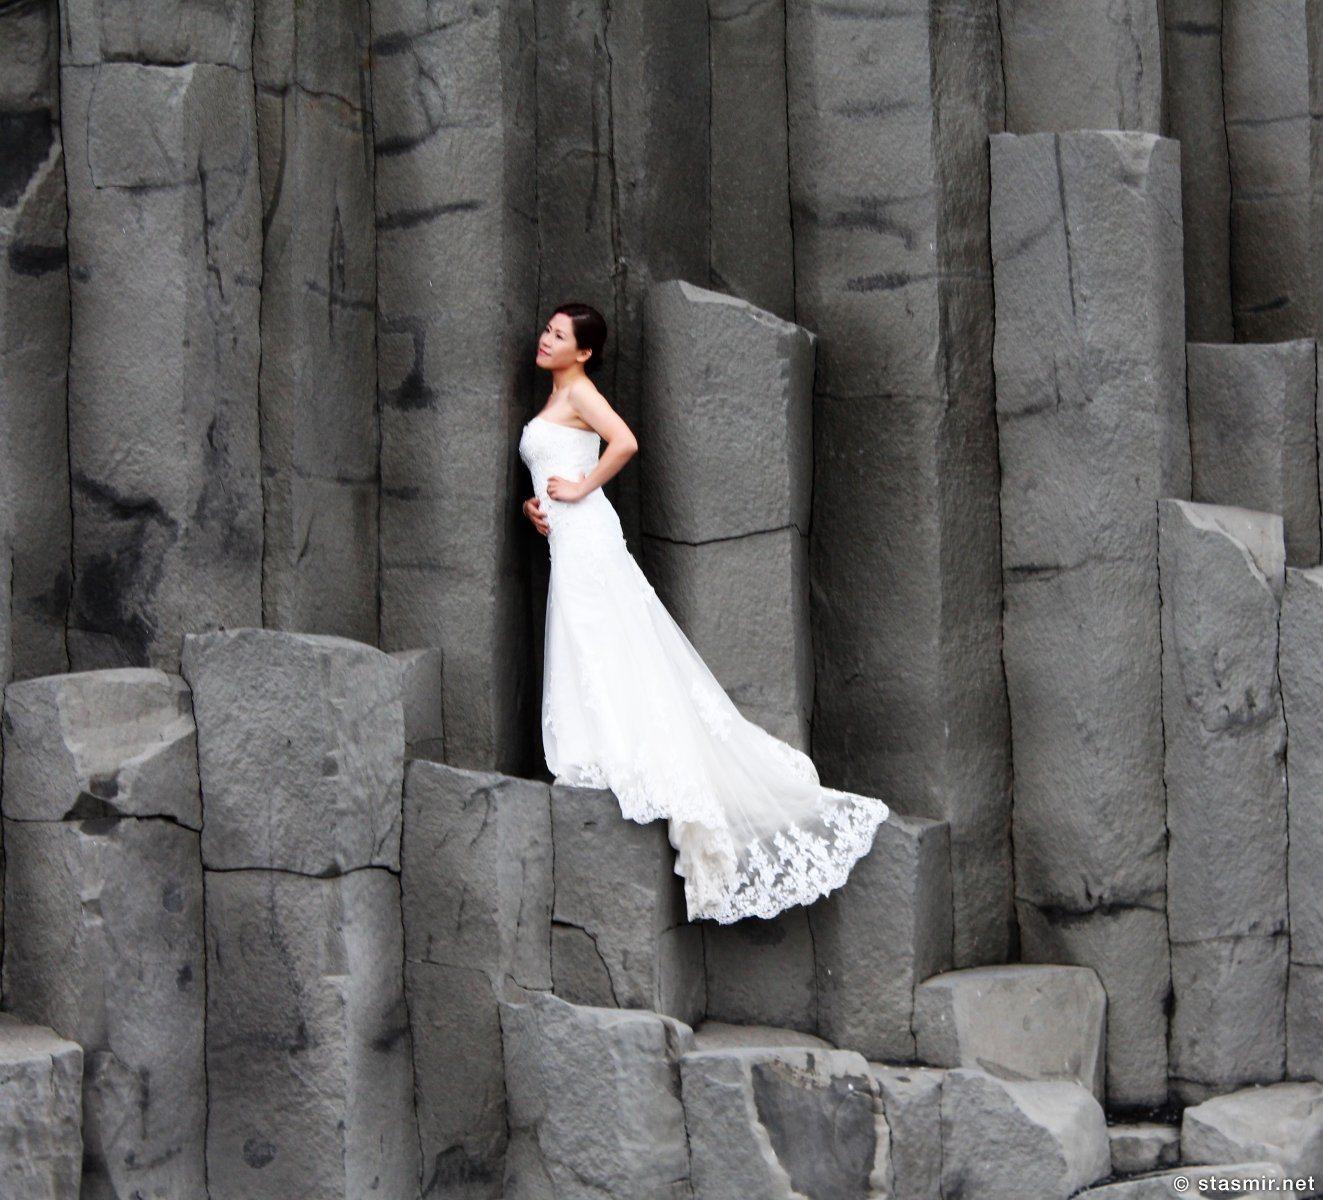 китайская невеста на базальтовых колоннах, черный пляж Рейнисфйаура, Исландия, фото Стасмир, photo Stasmir